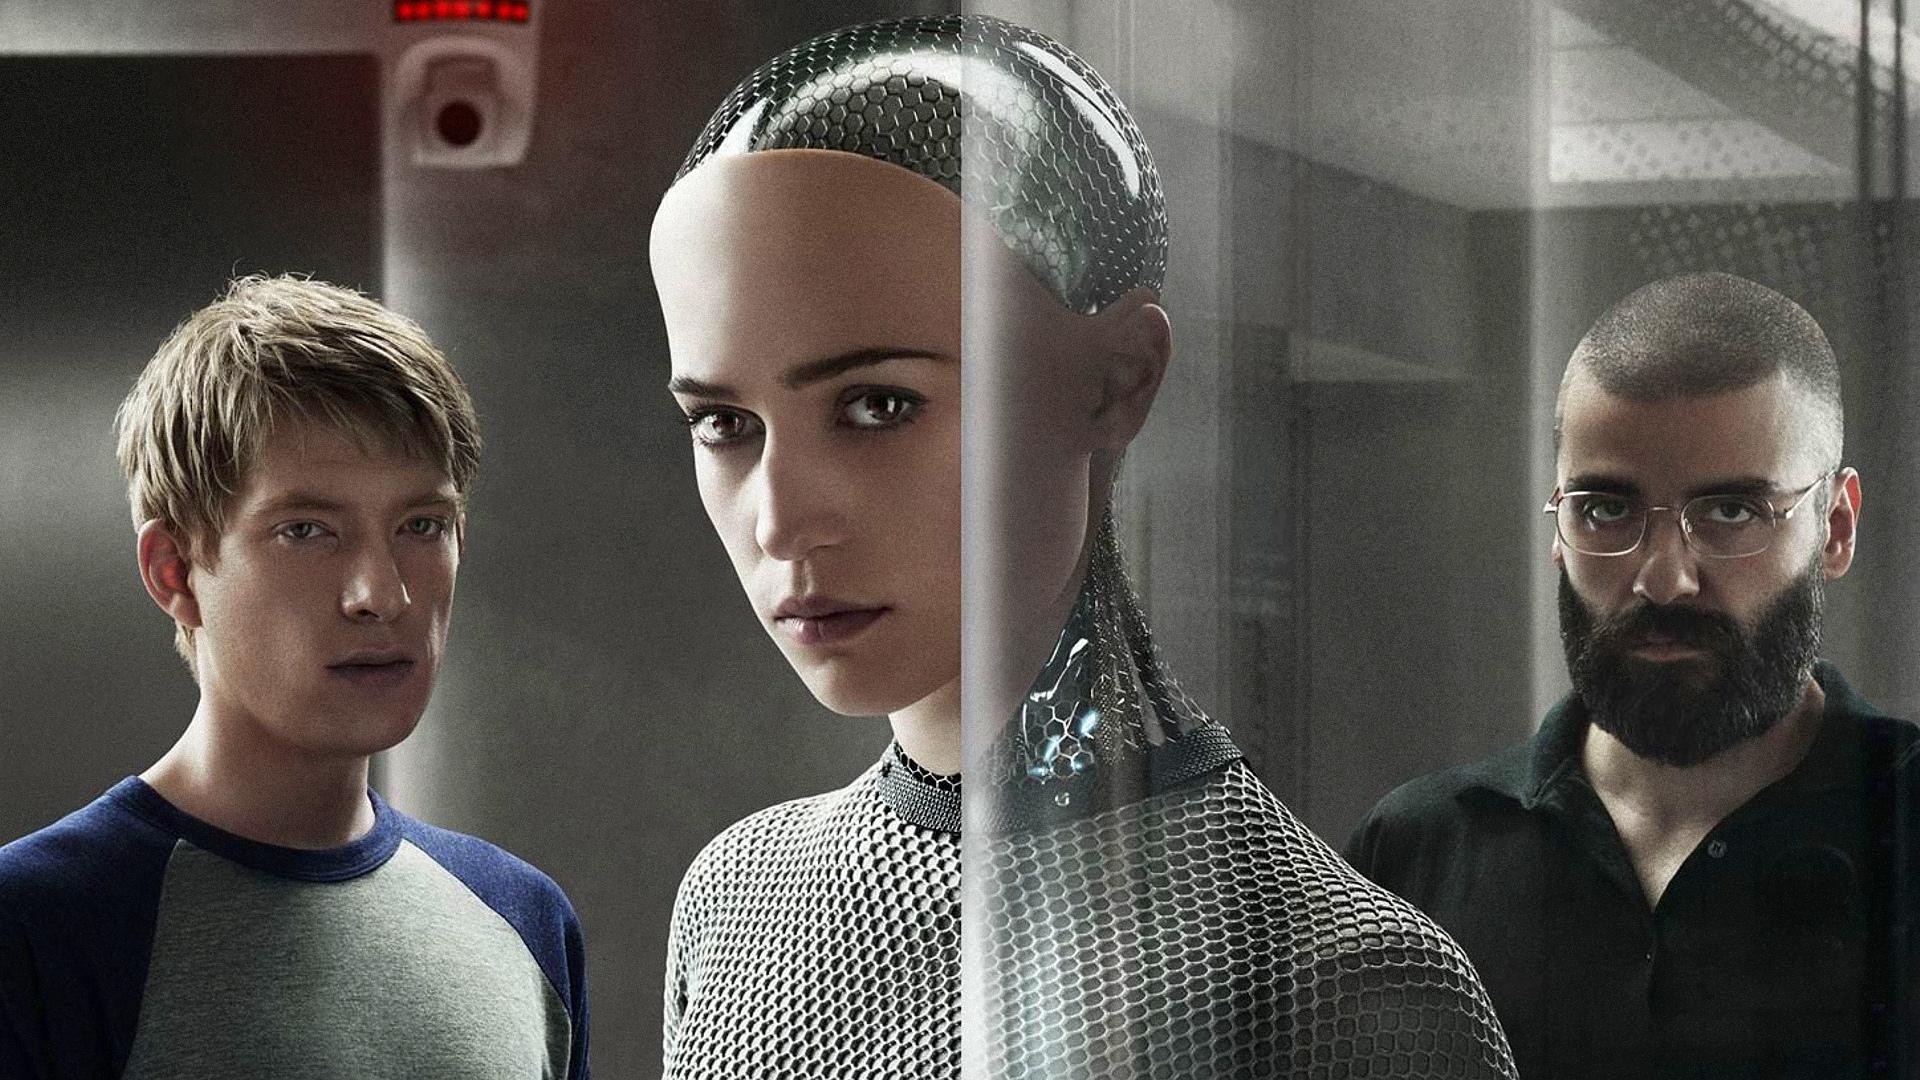 奥斯卡提名影片《机械姬》触发了不少人对人工智能的恐慌。